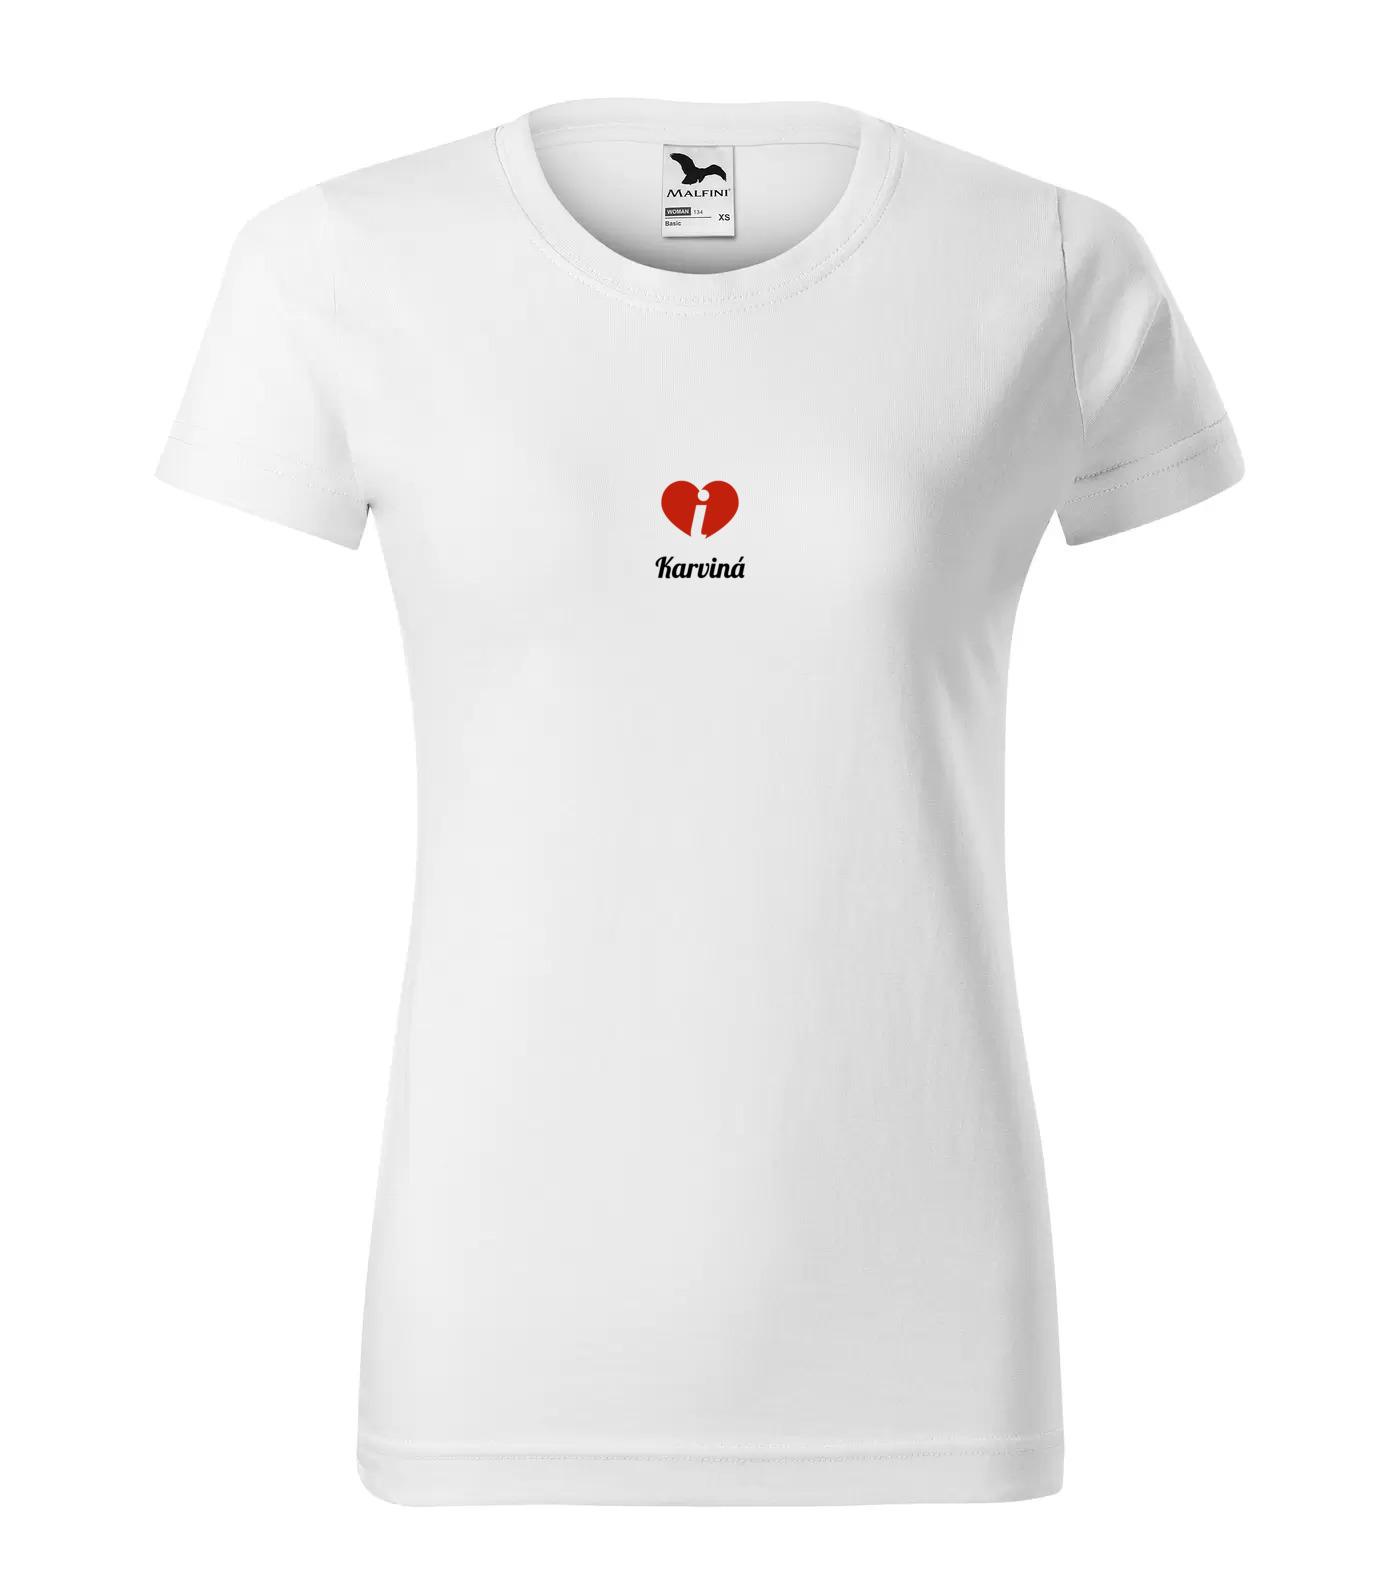 Tričko Karviná